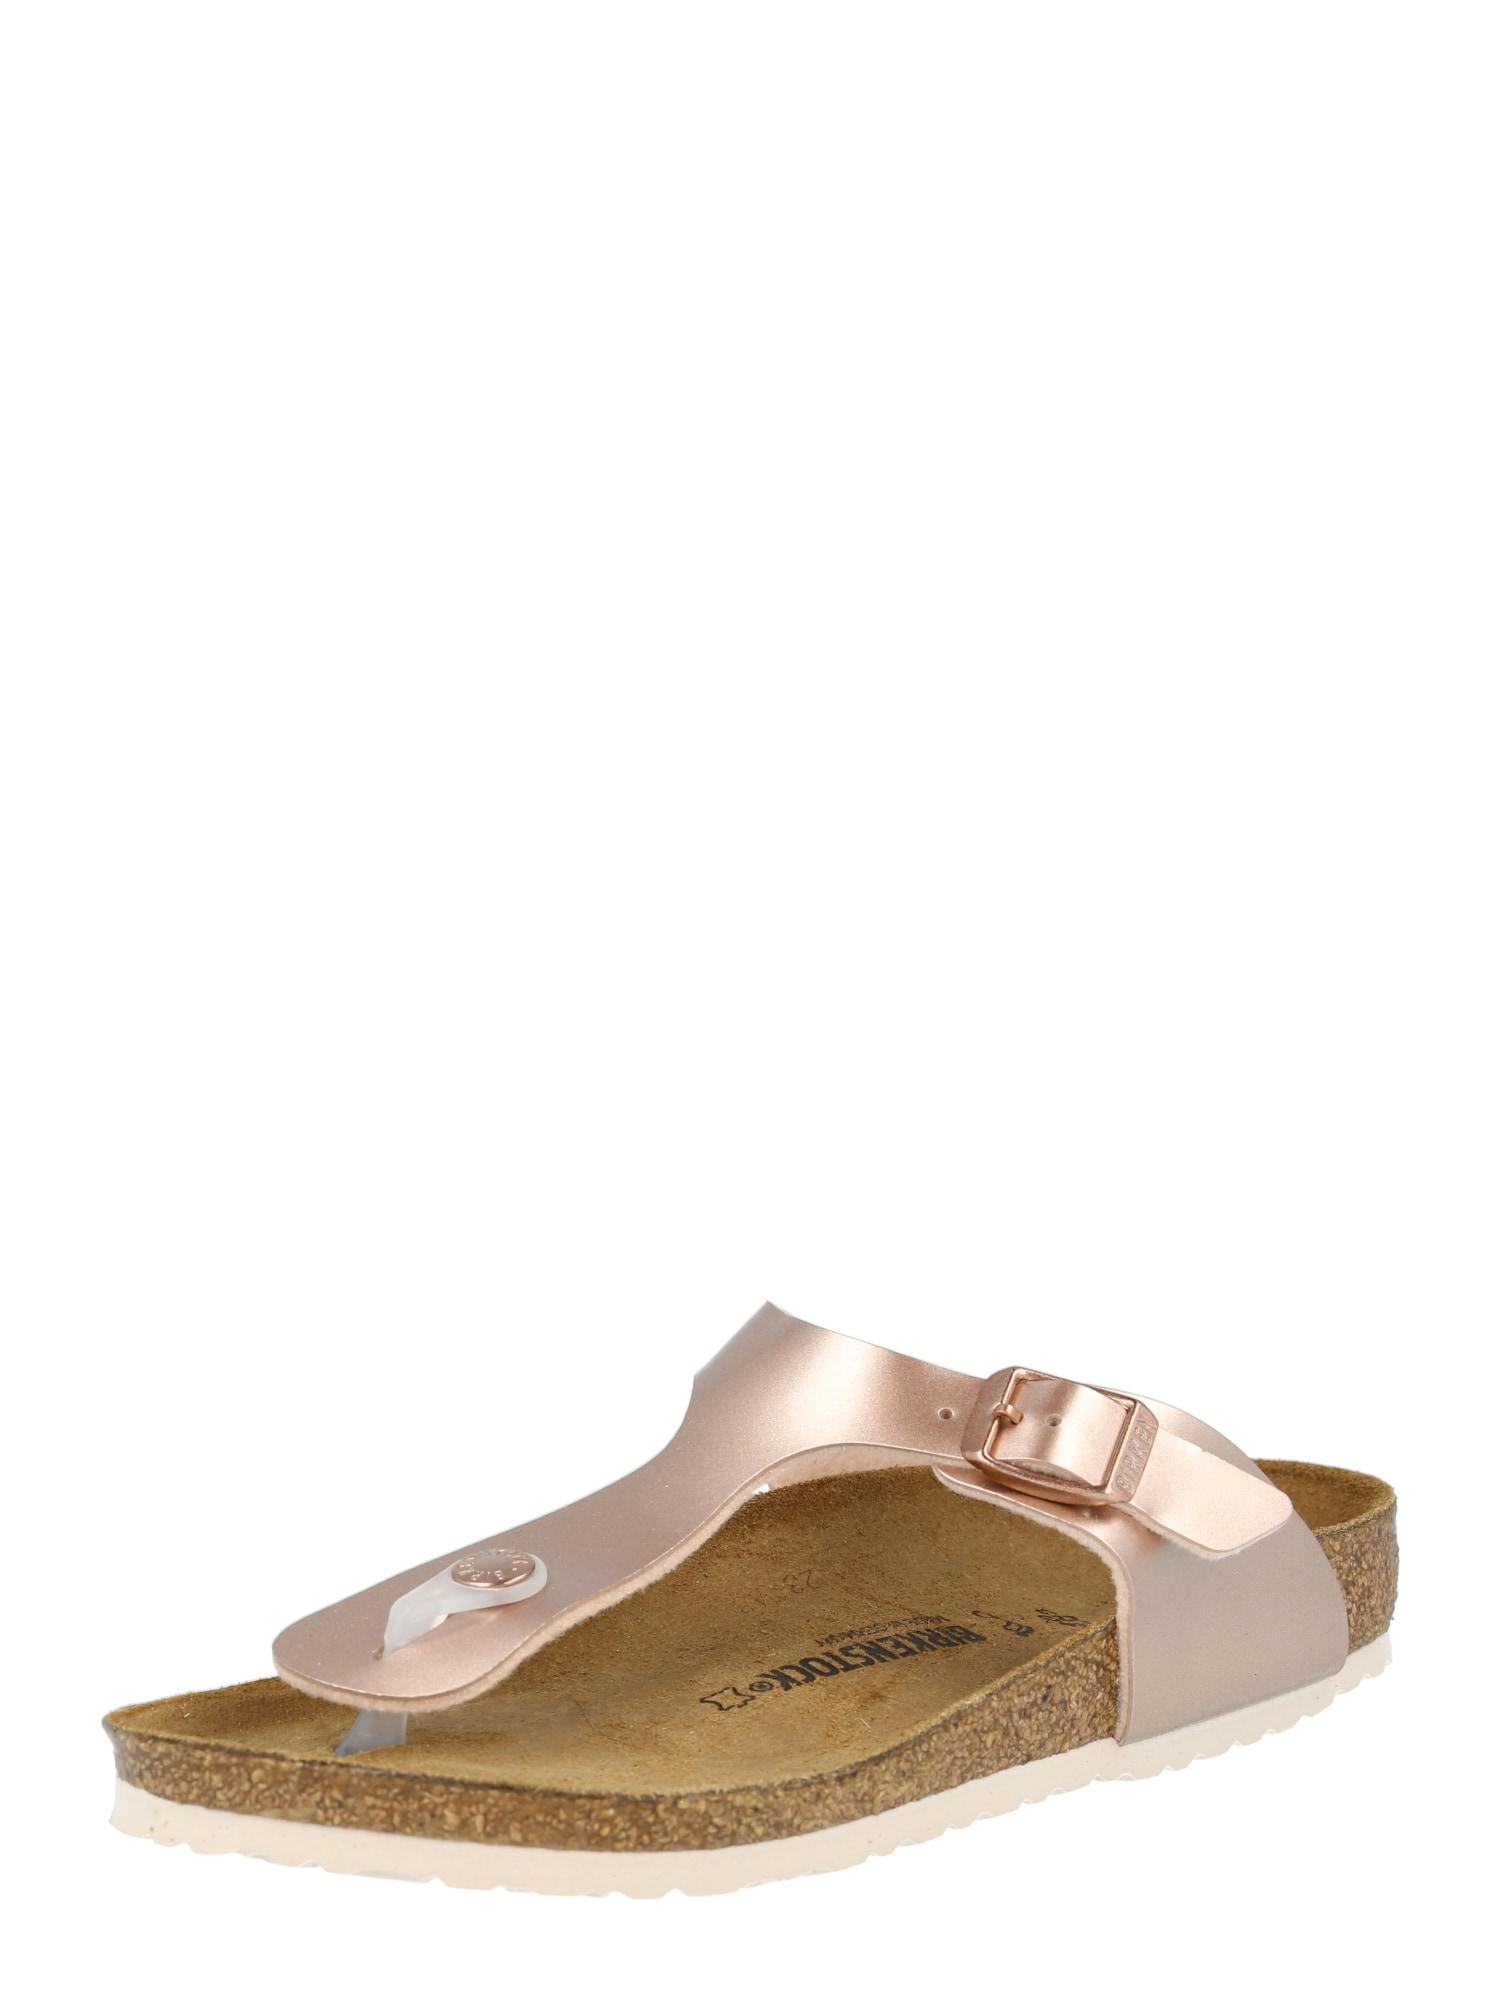 BIRKENSTOCK Sandalai bronzinė